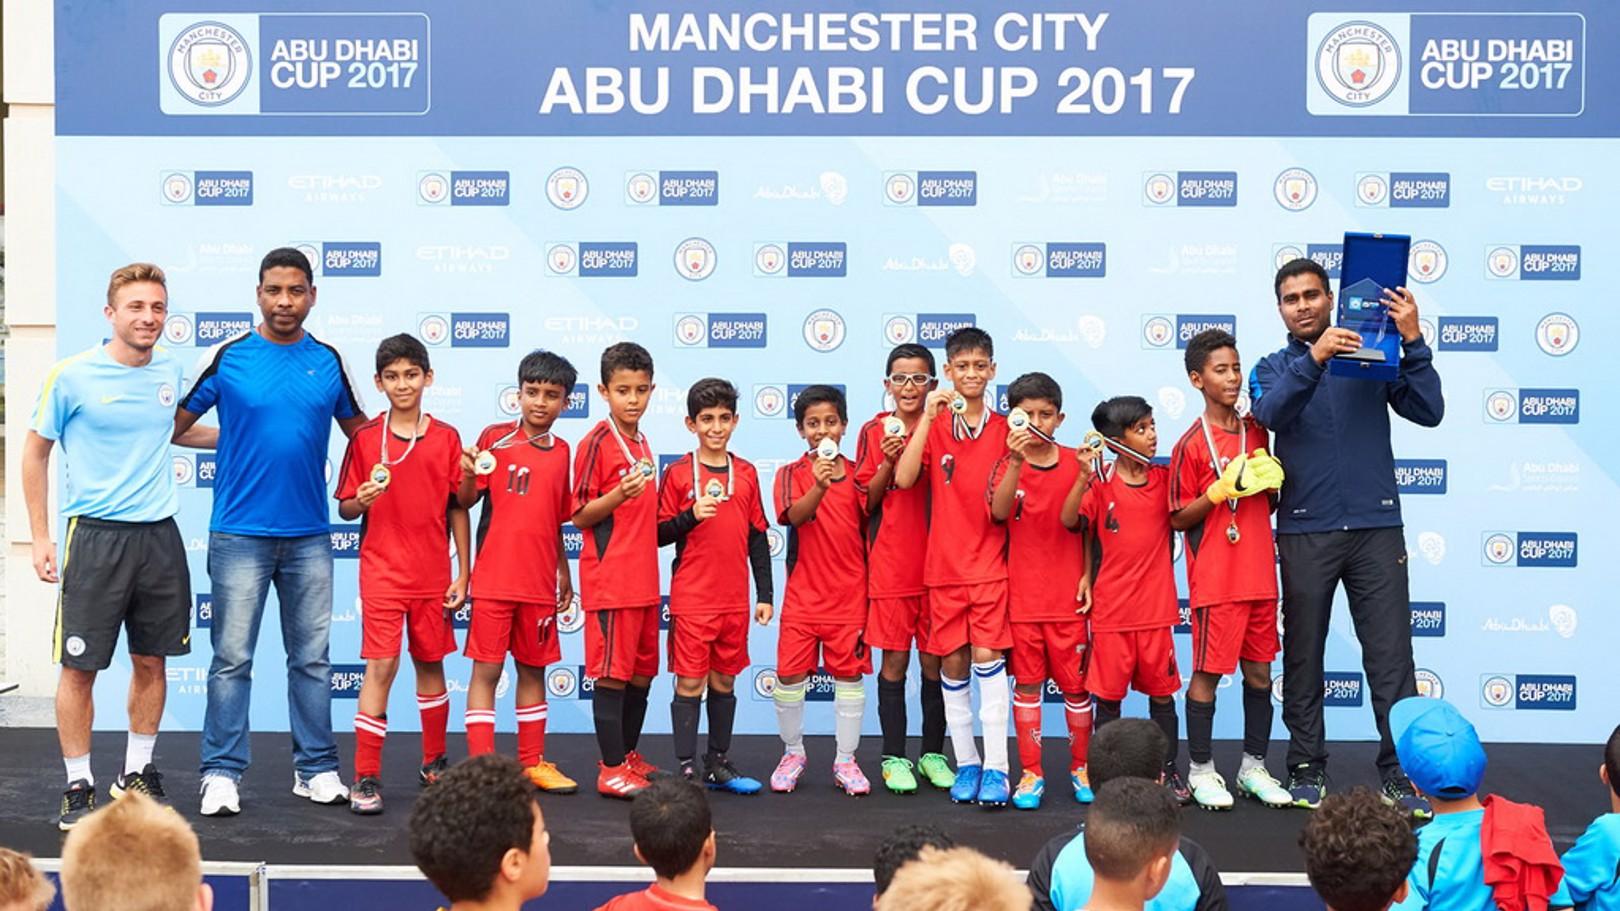 حظيت النسخة الأولى من كأس مانشستر سيتي أبوظبي بنجاح كبير